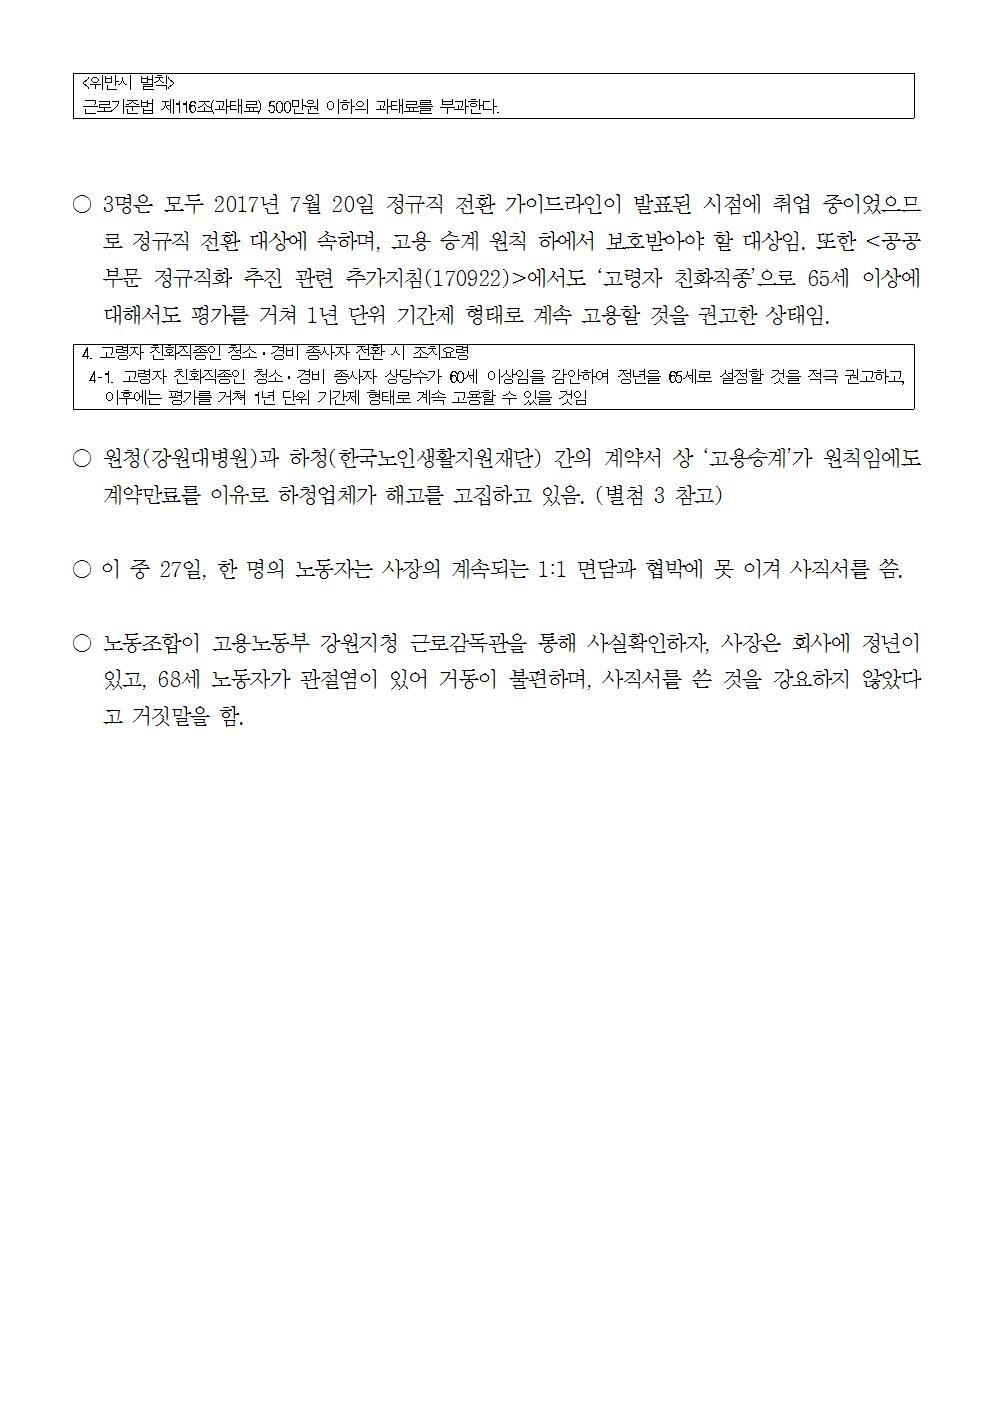 [보도자료]190701_강대병원비정규직4인해고노조투쟁시작004.jpg